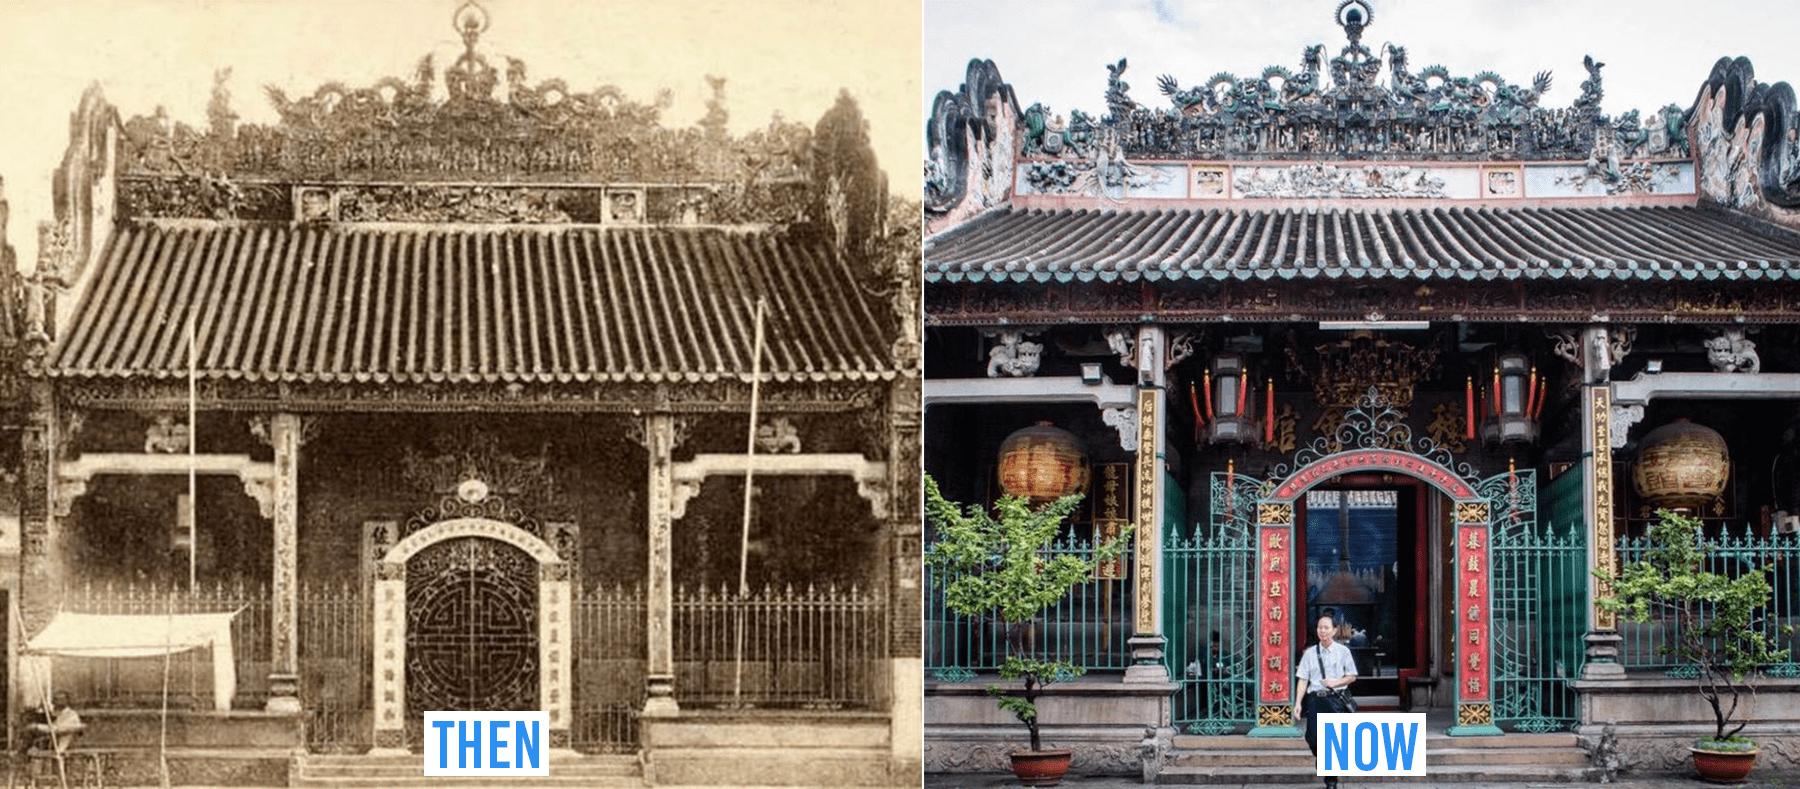 Saigon then and now_thien hau pagoda